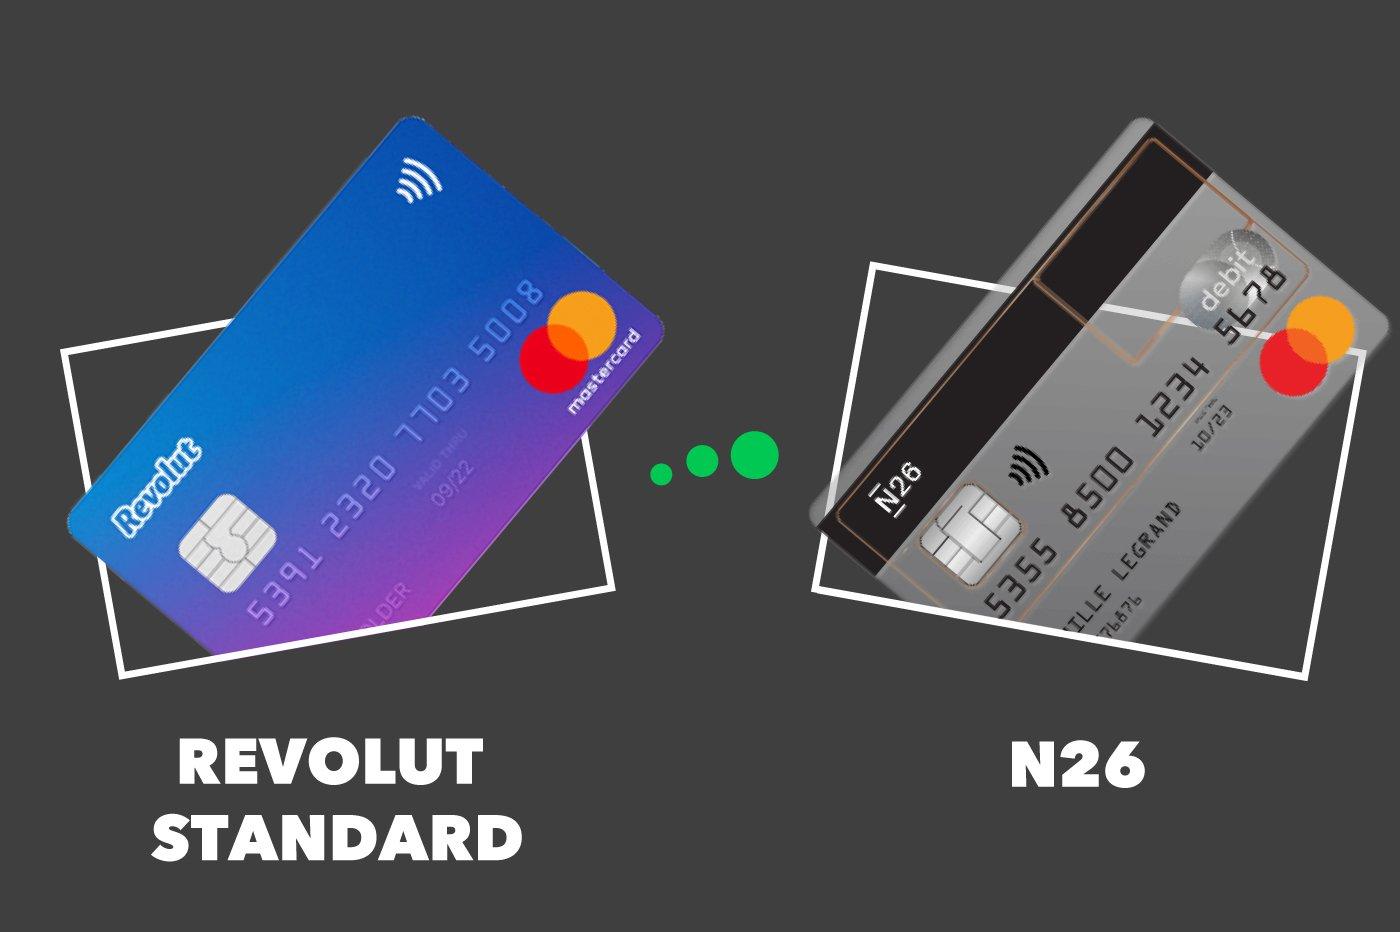 N26 Vs Revolut Standard Comparatif Des Cartes Gratuites